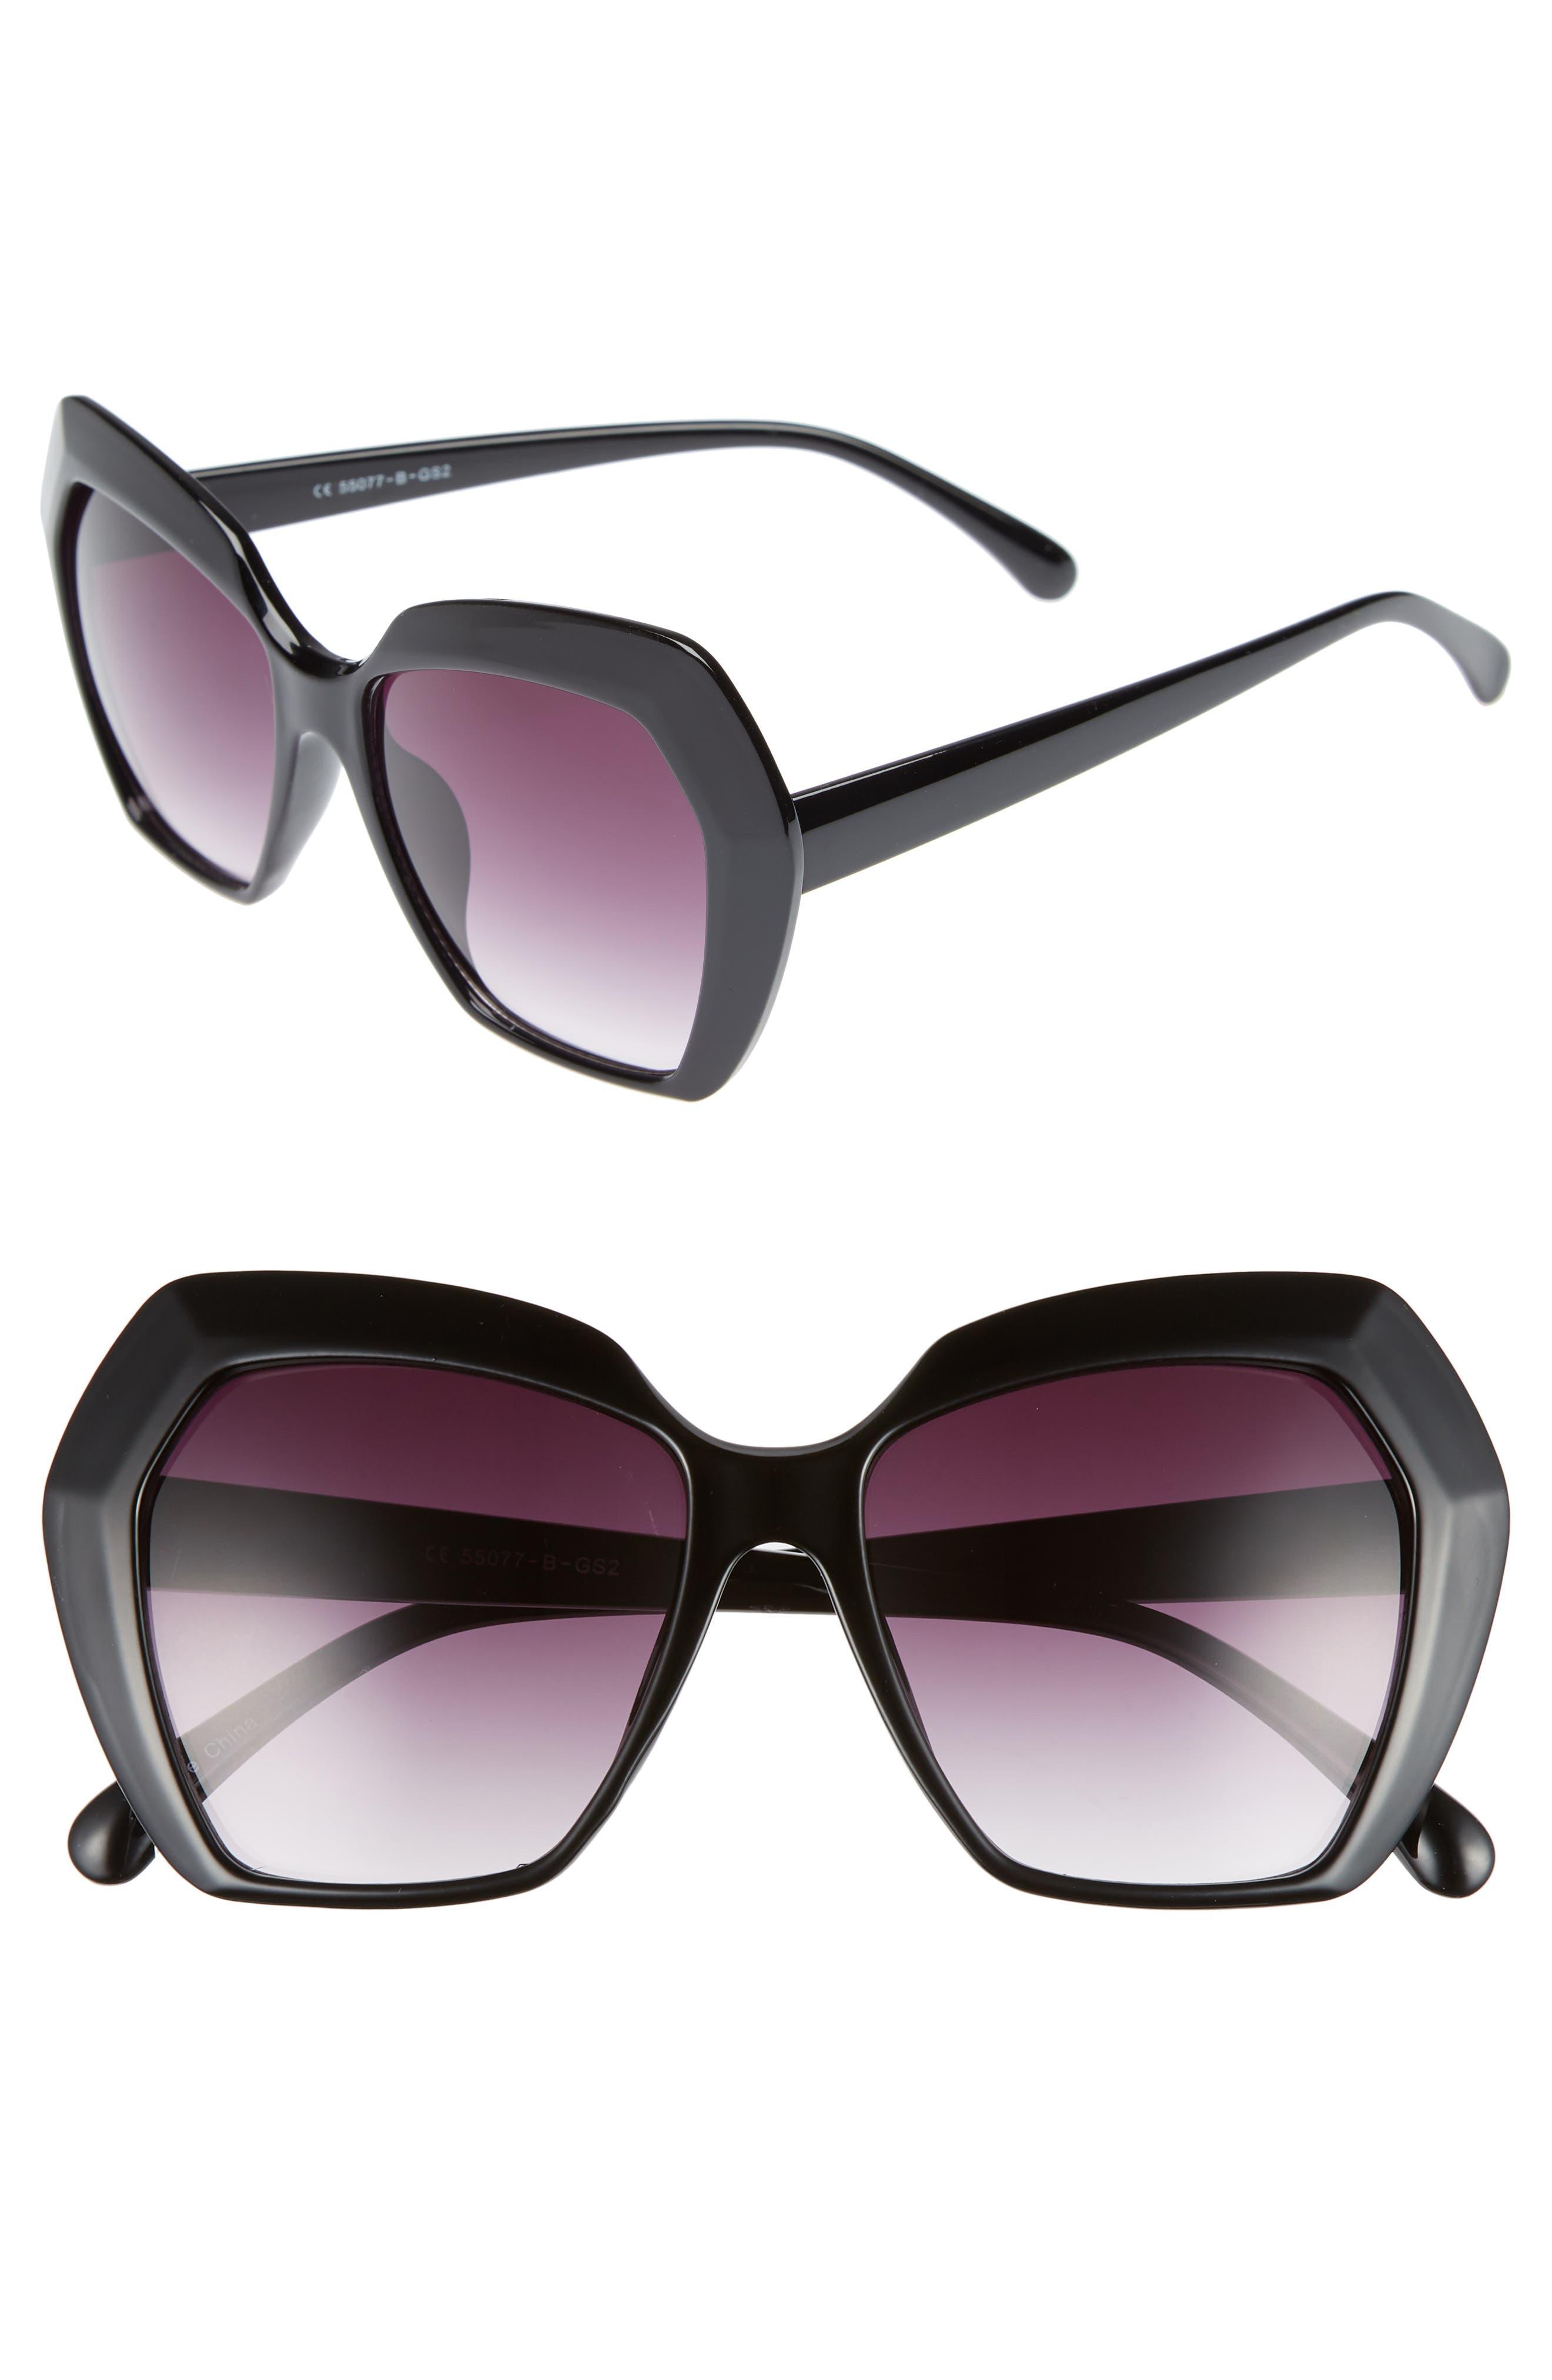 54mm Geometric Sunglasses,                             Main thumbnail 1, color,                             BLACK